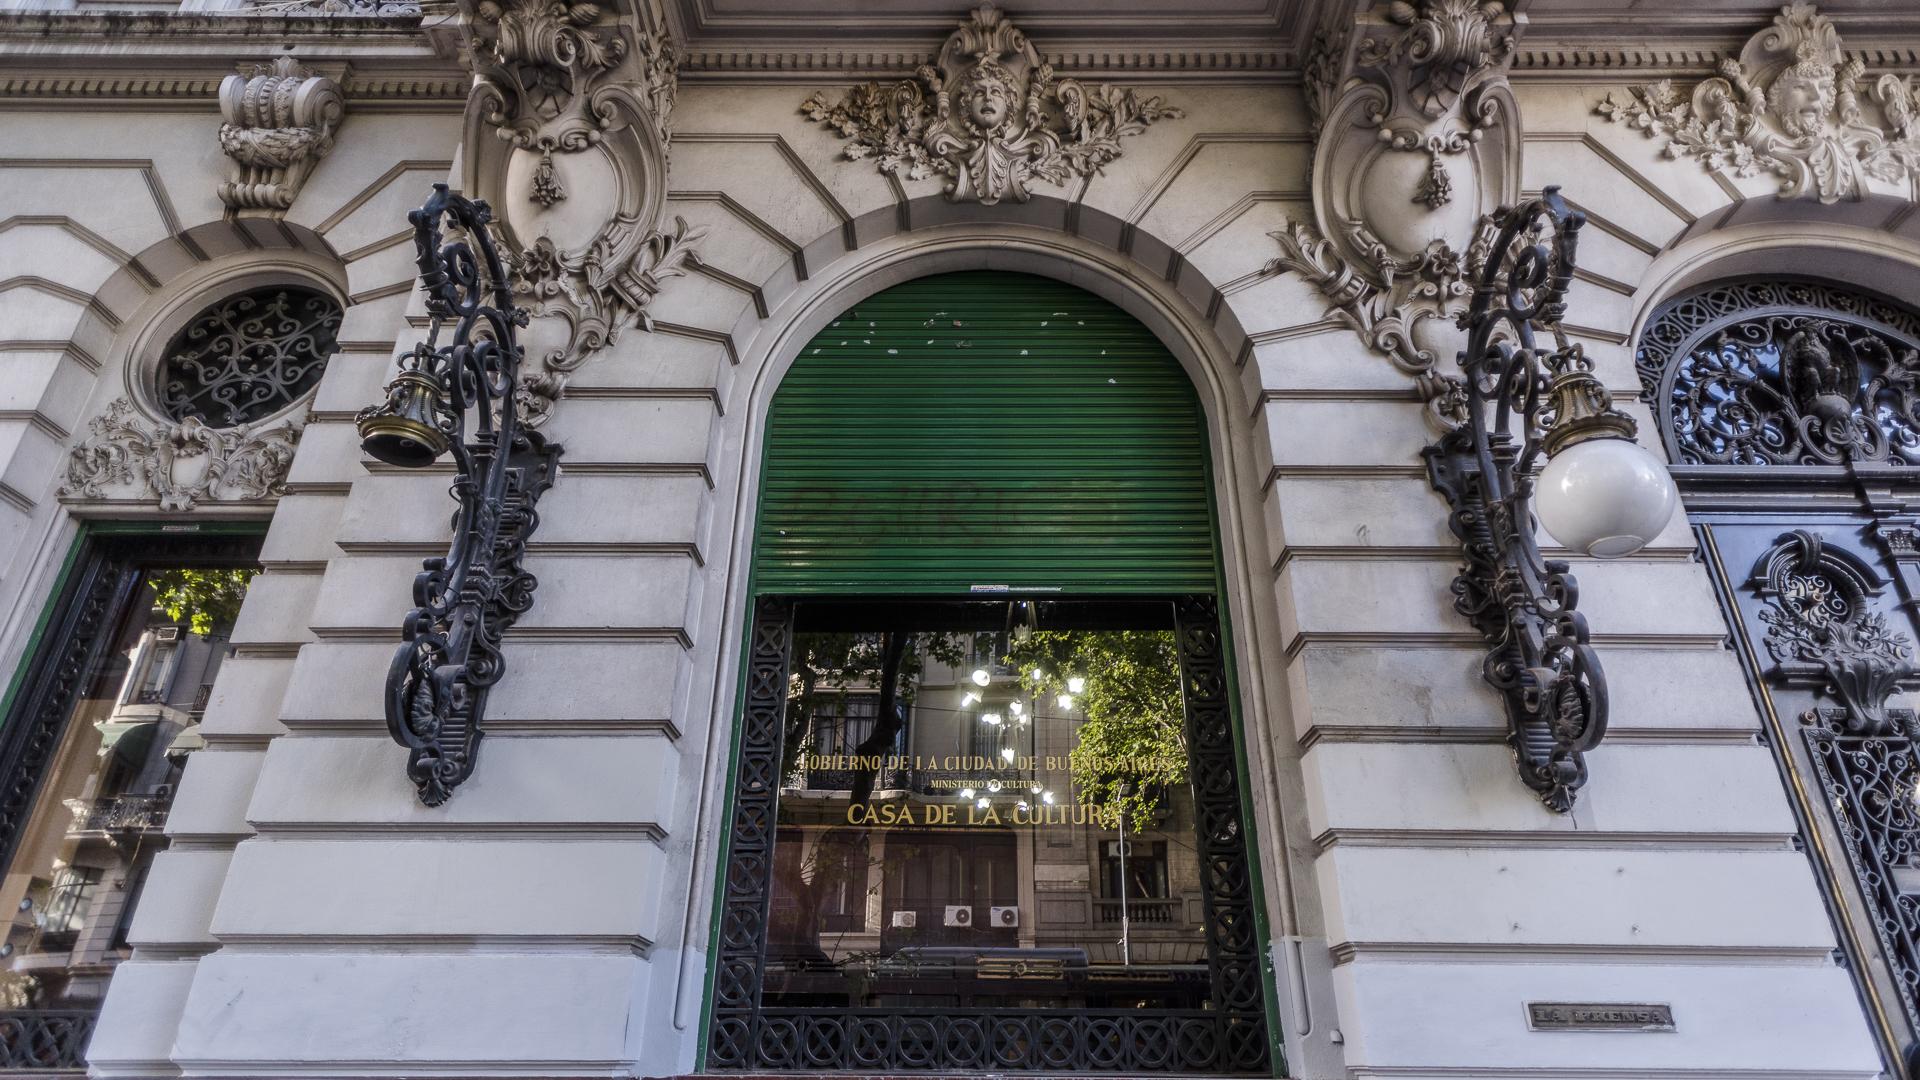 Tanto las fachadas como los majestuosos interiores en estilo 'Garnier' combinan magistralmente elementos de múltiples firmas de procedencia francesa